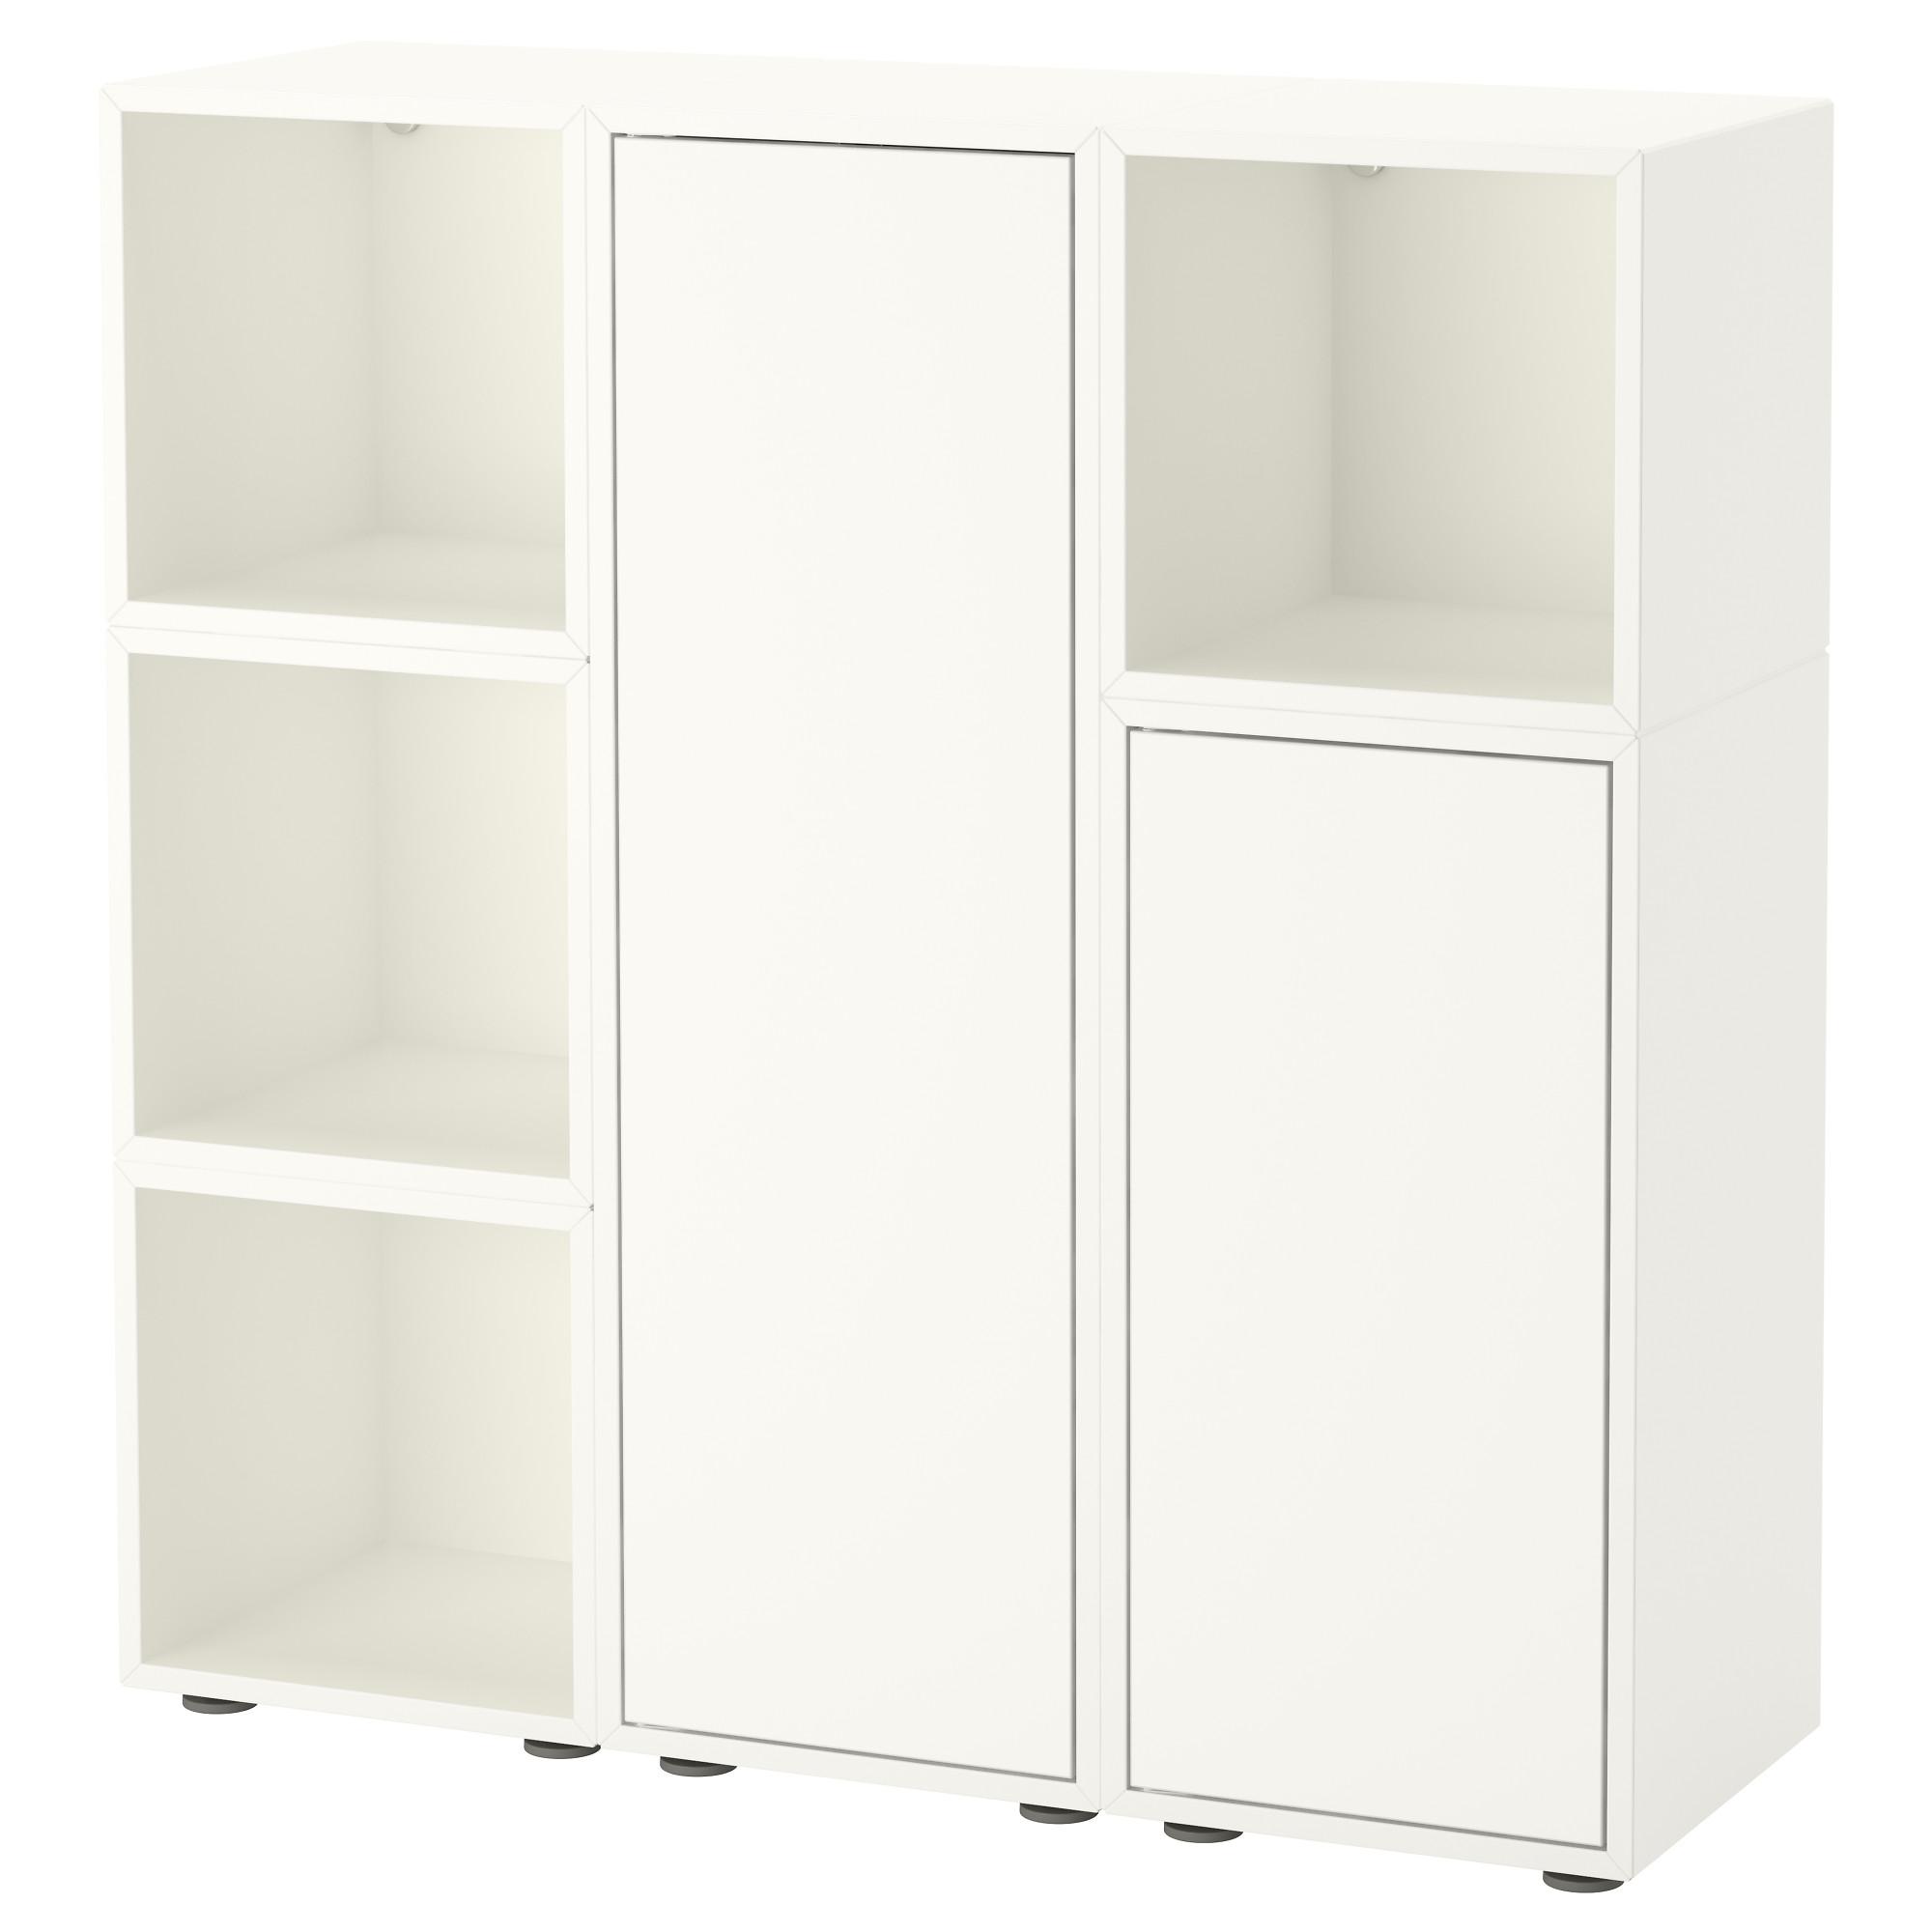 Купить комбинация шкафов с ножками экет, белый в икеа (минск.